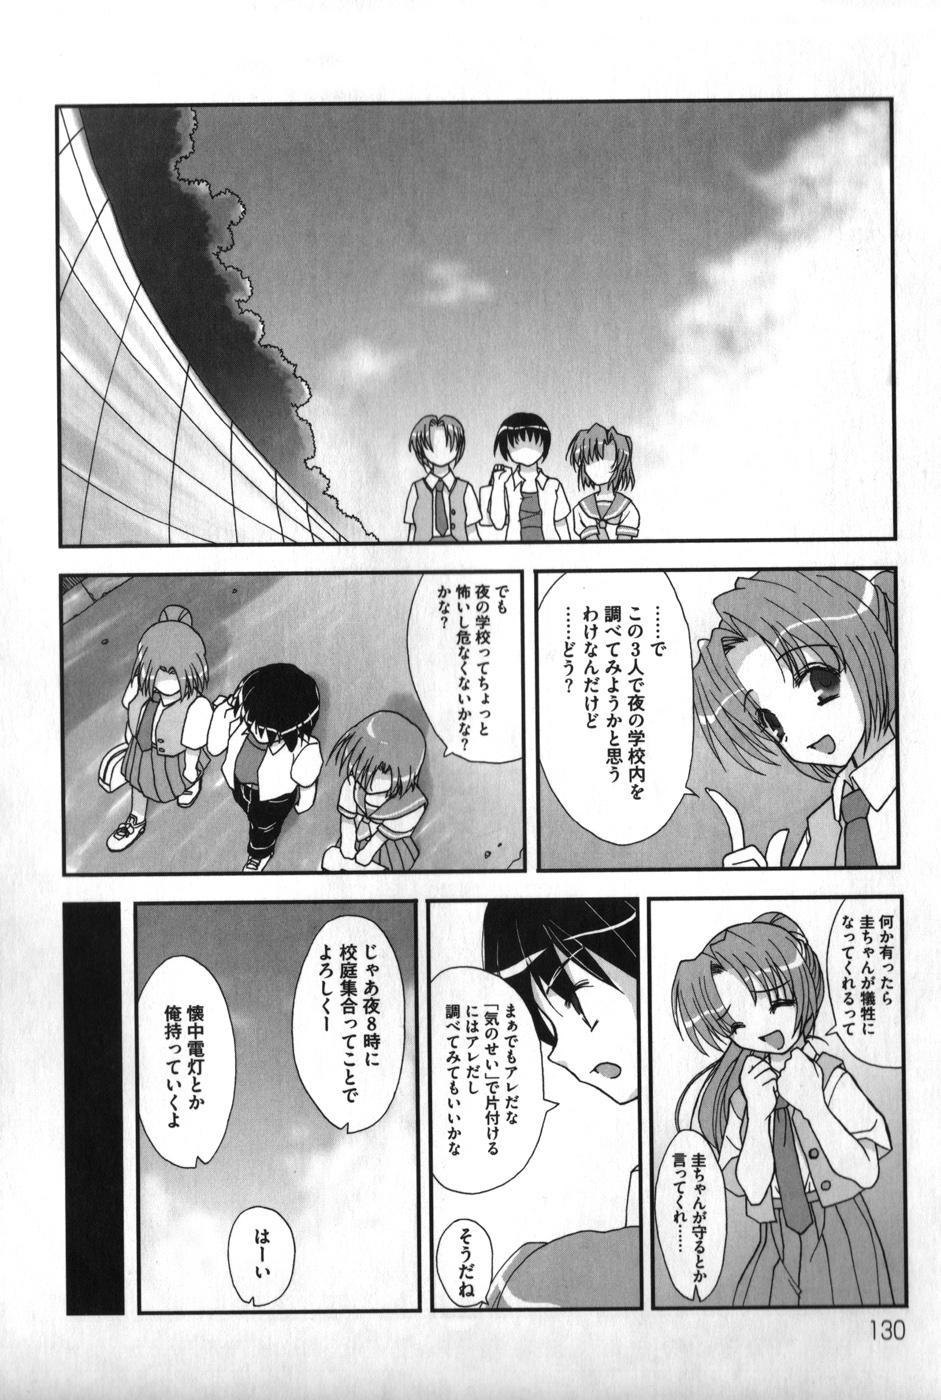 HiguERO no naku koro ni 132